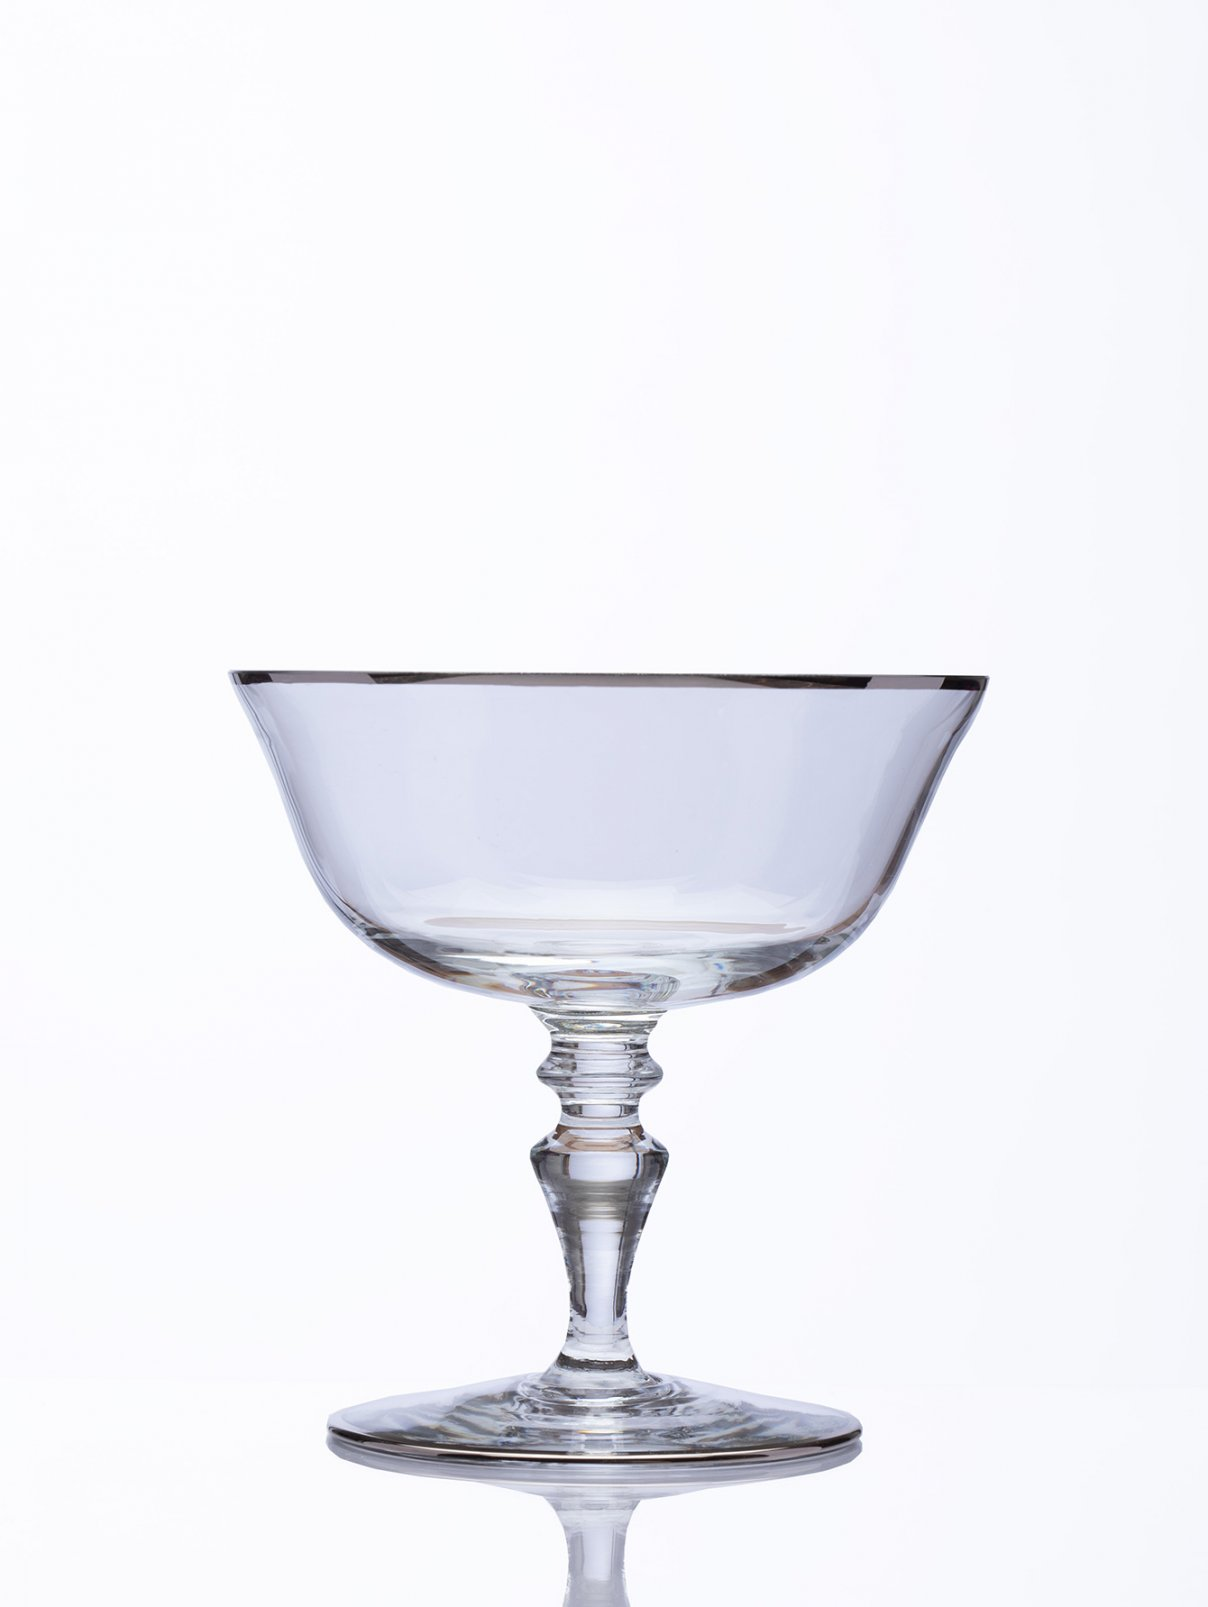 Чаша для шампанского с платиновым кантом, высота - 11,4 см, диаметр - 11,2 см NasonMoretti  –  Общий вид